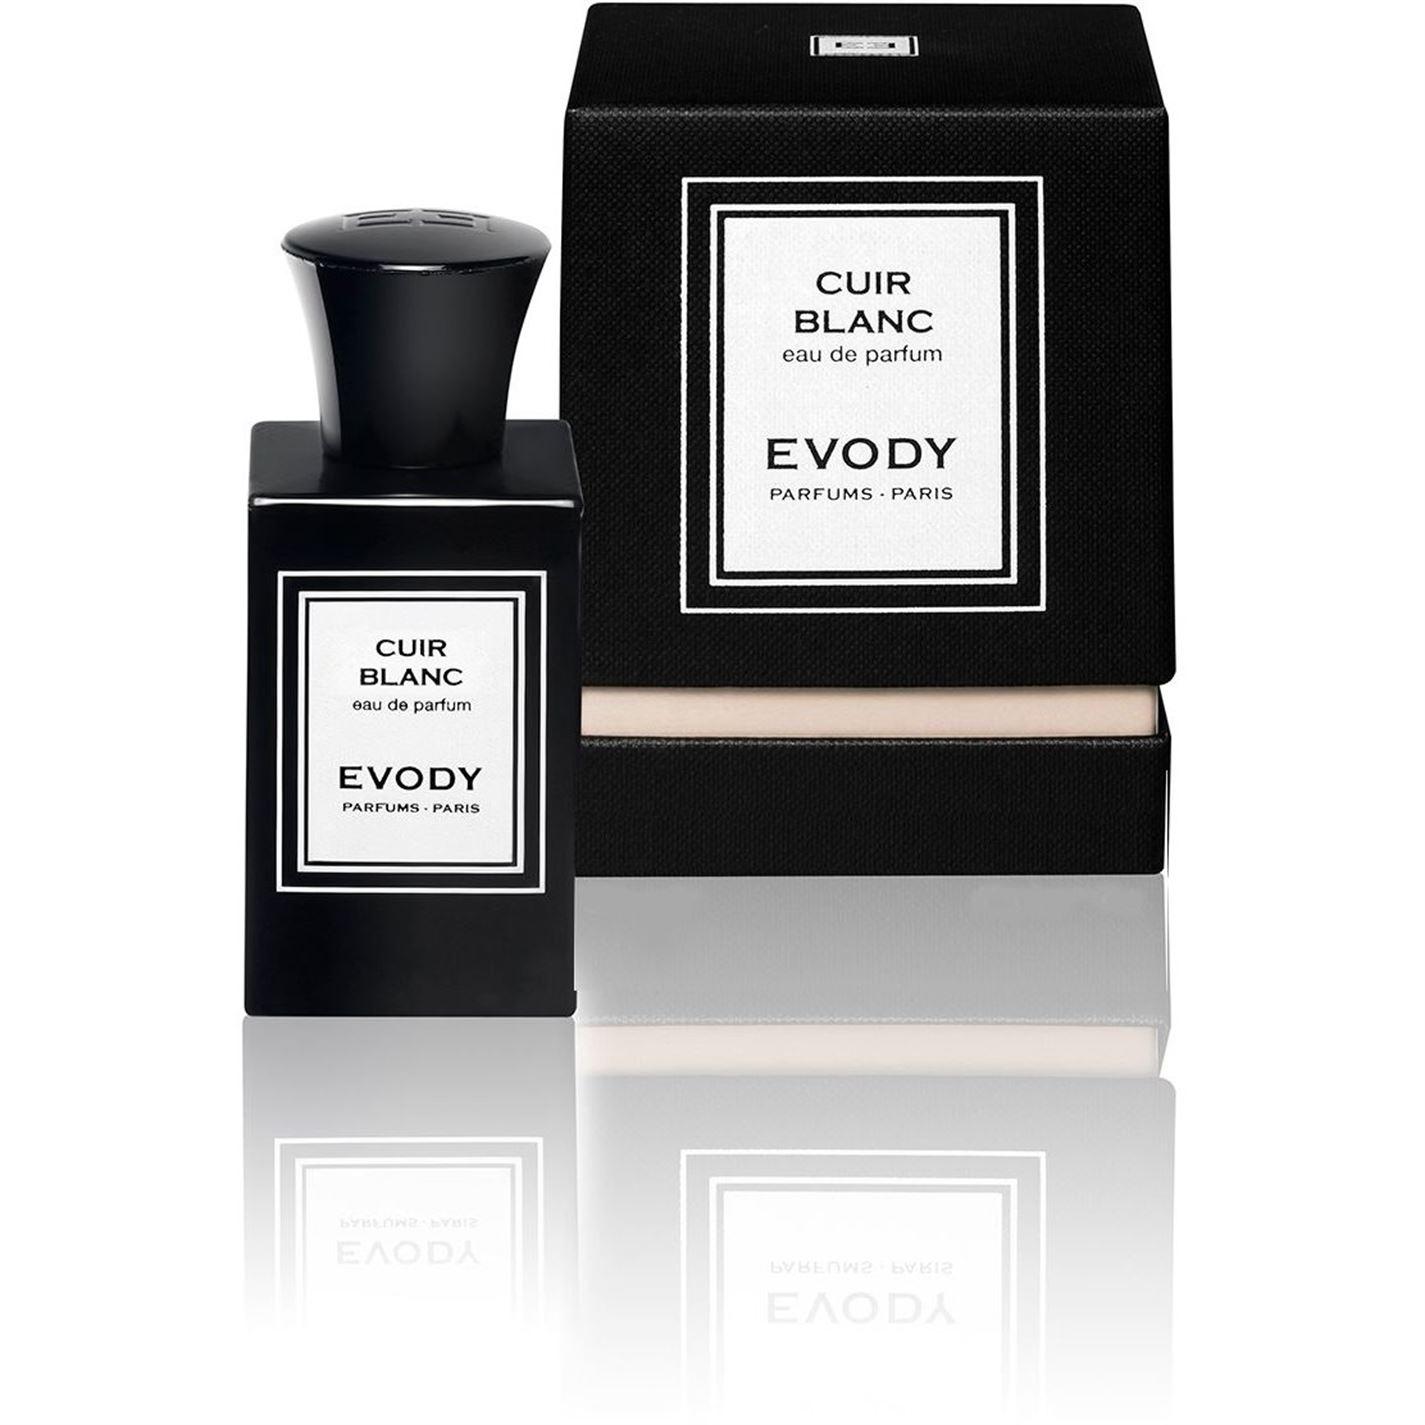 Evody Cuir Blanc Eau de Parfum 50ml